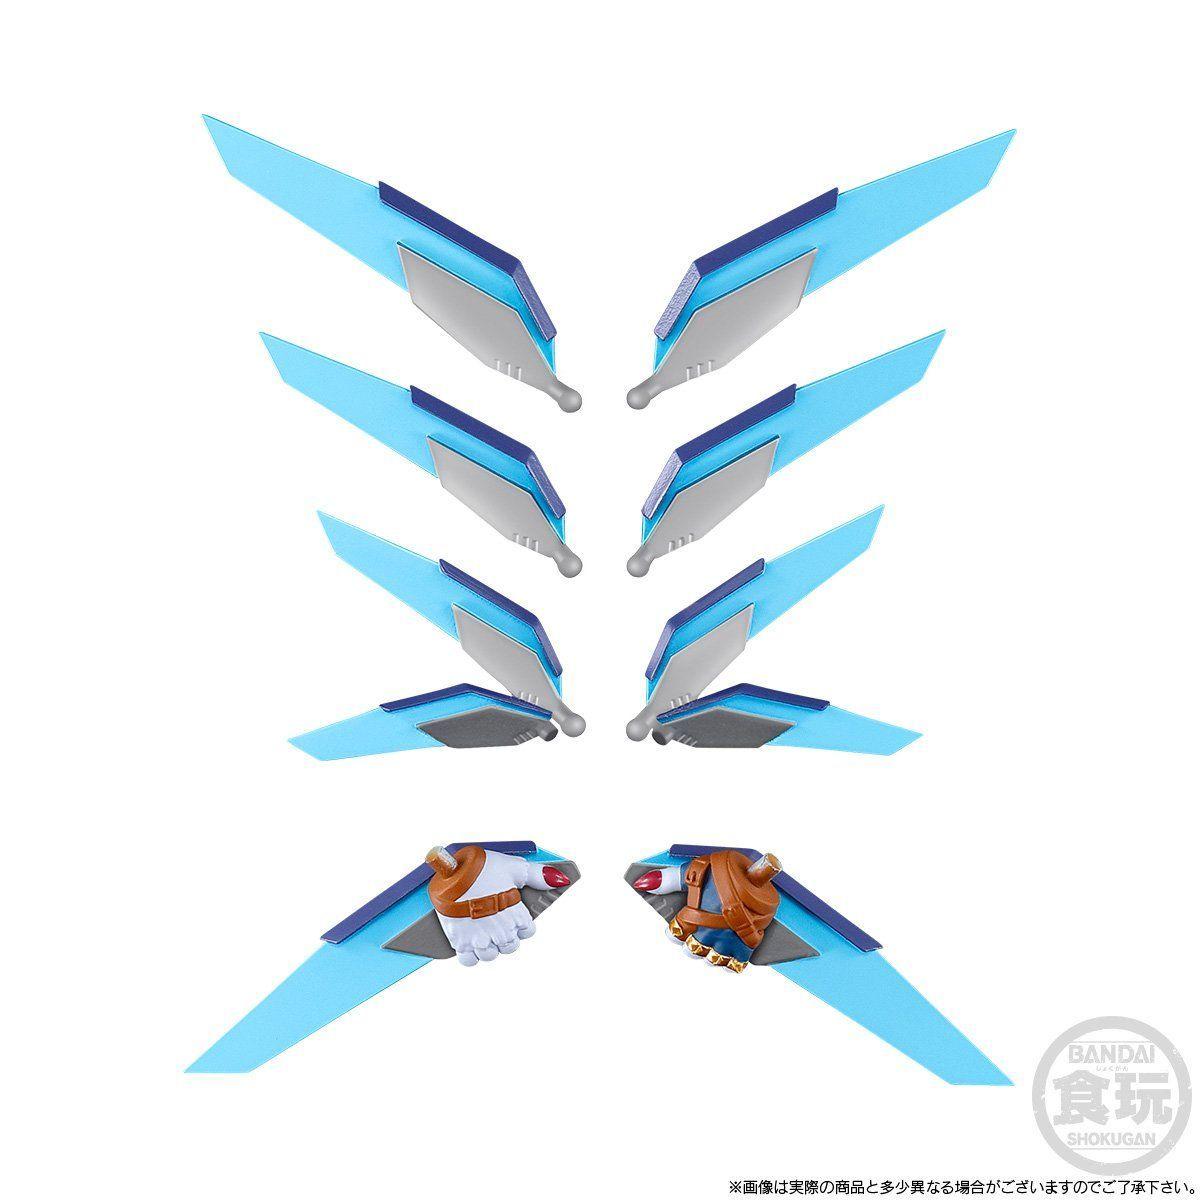 【限定販売】【食玩】SHODO デジモン『メタルグレイモン&ワーガルルモン』コンプリートセット-010